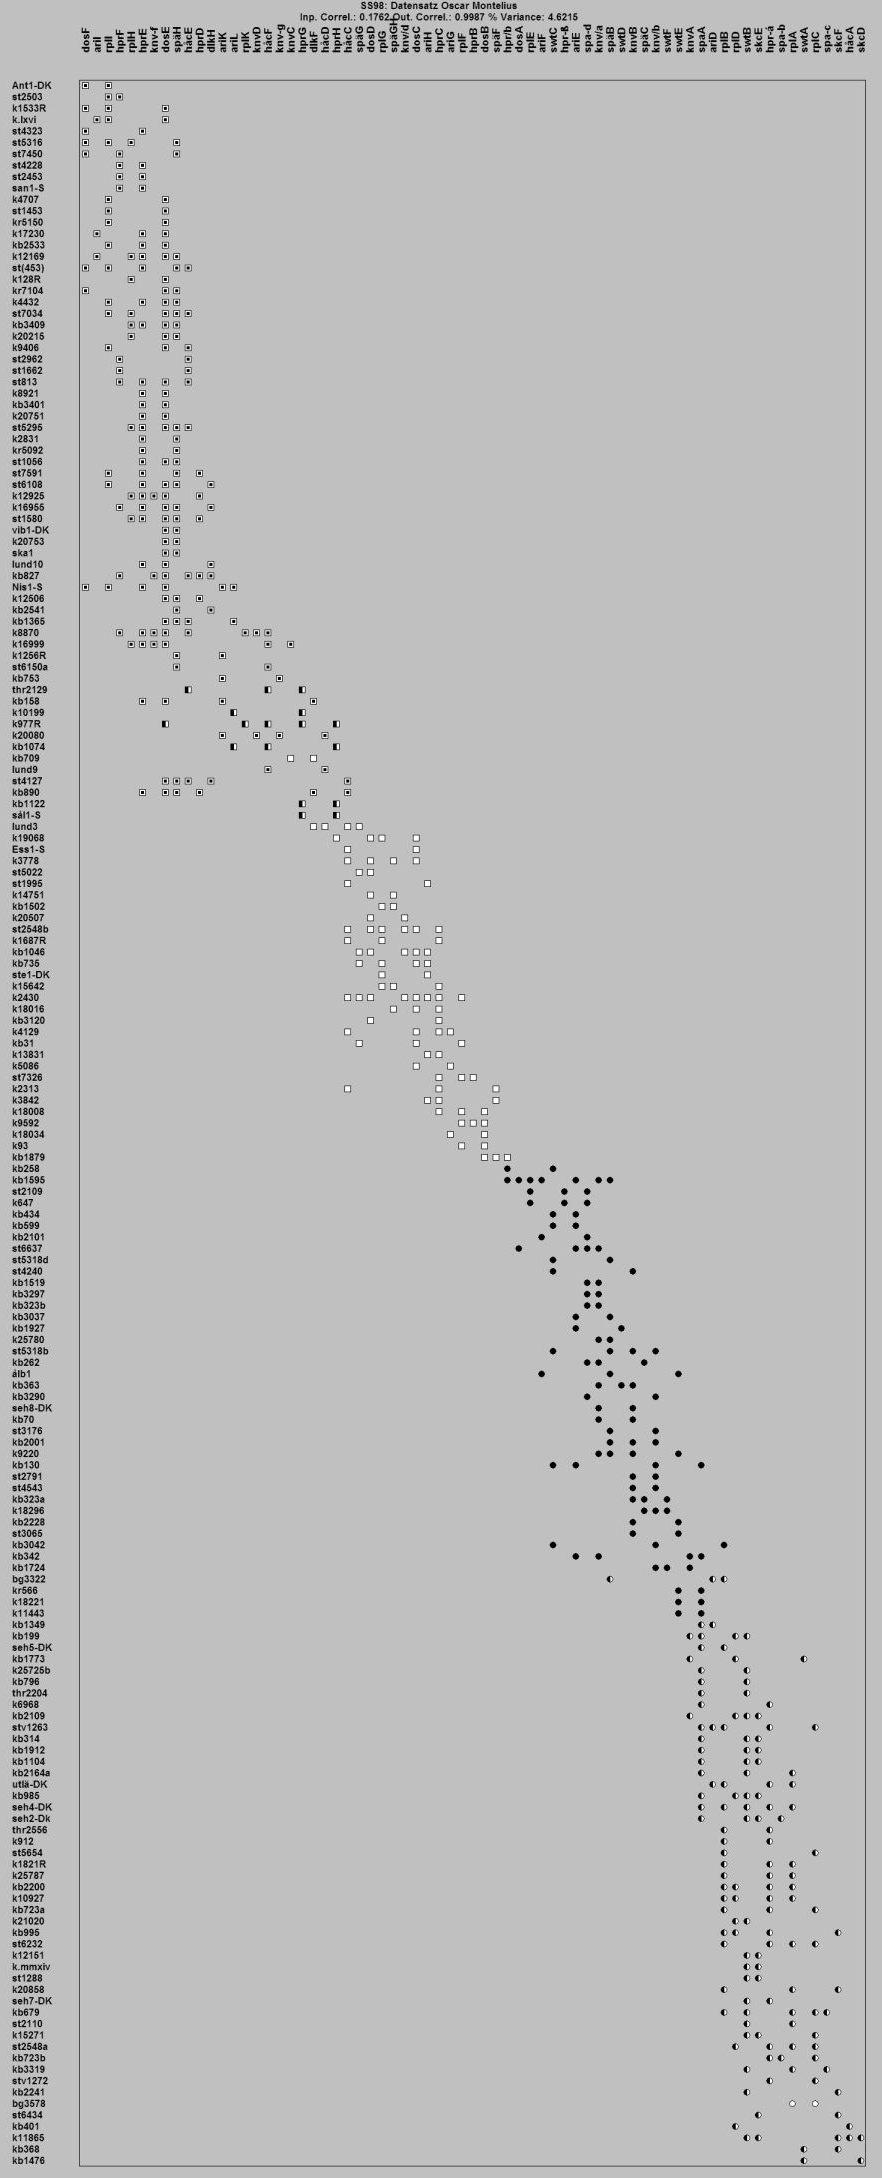 Seriation der Bronzezeitchronologie von Oscar Montelius 1